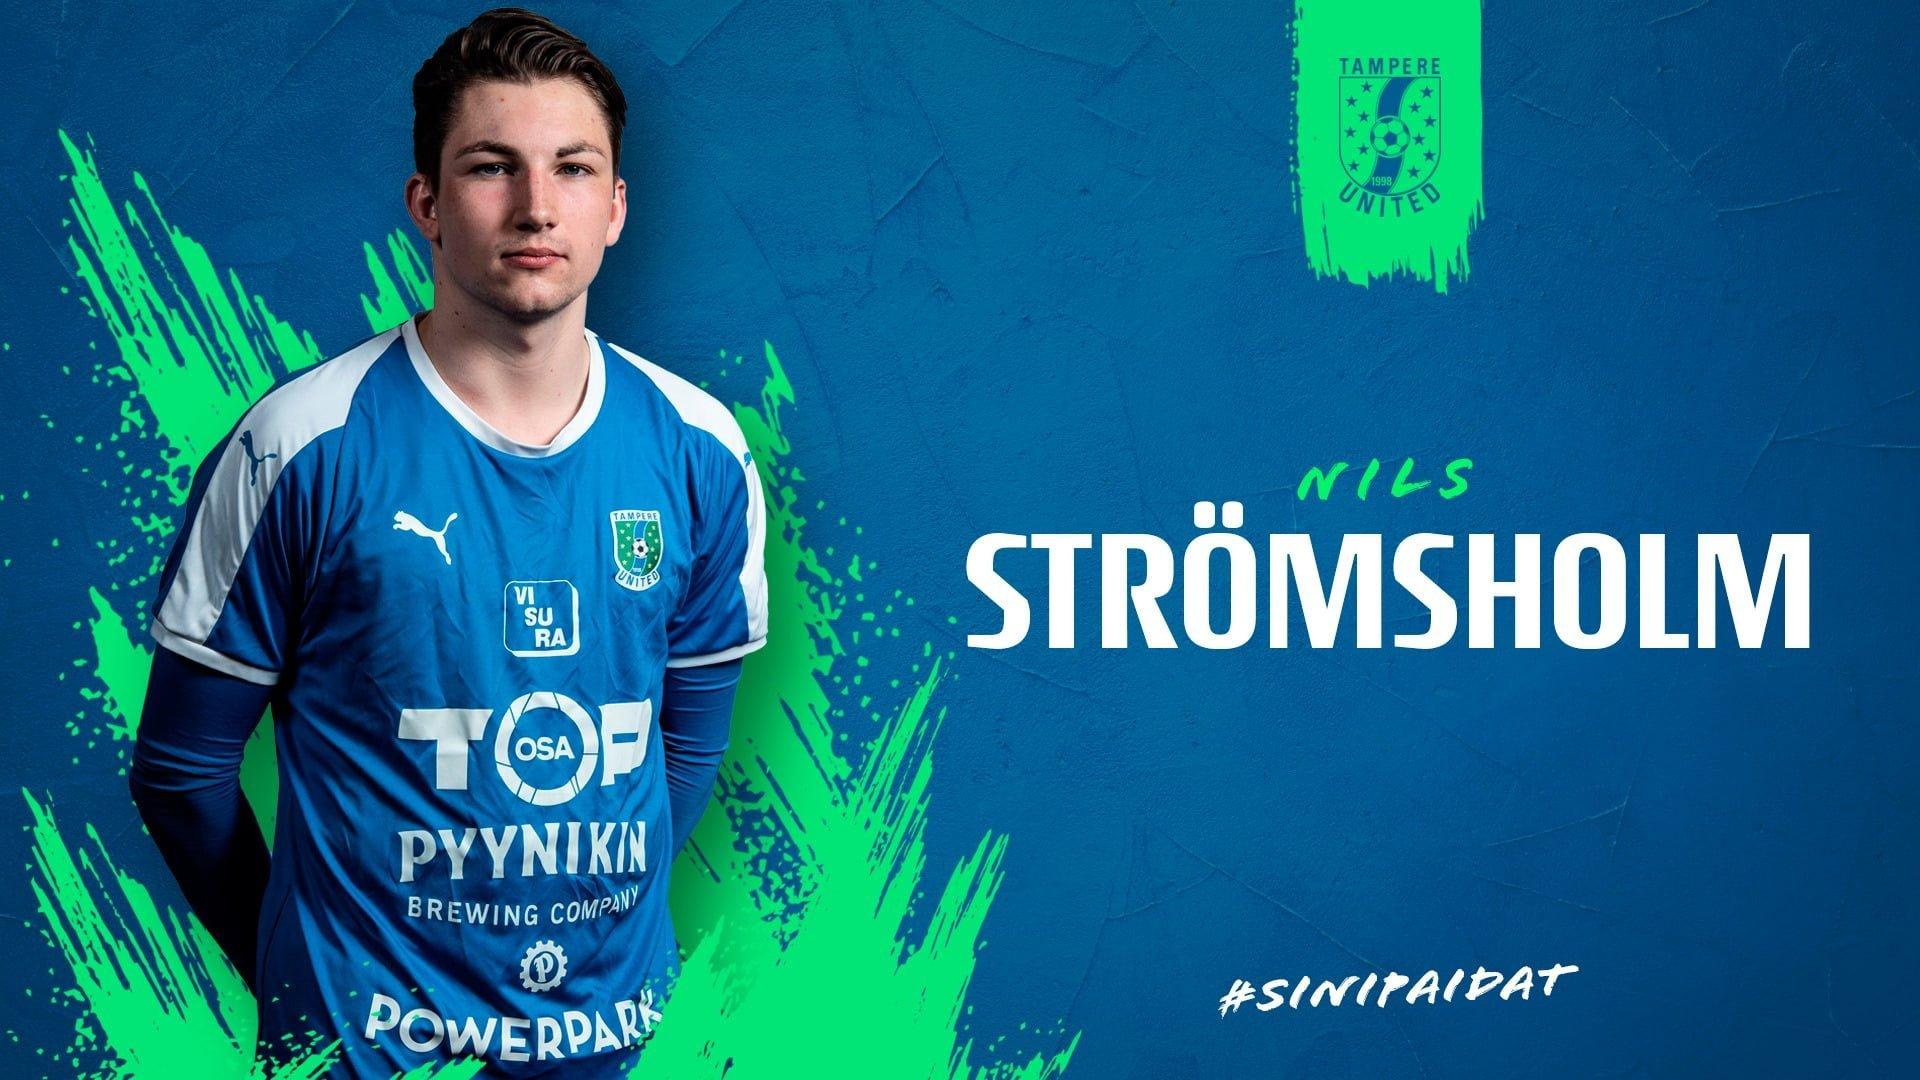 Nils Strömsholm lähtee kolmanteen kauteensa Sinipaidoissa -uutiskuva